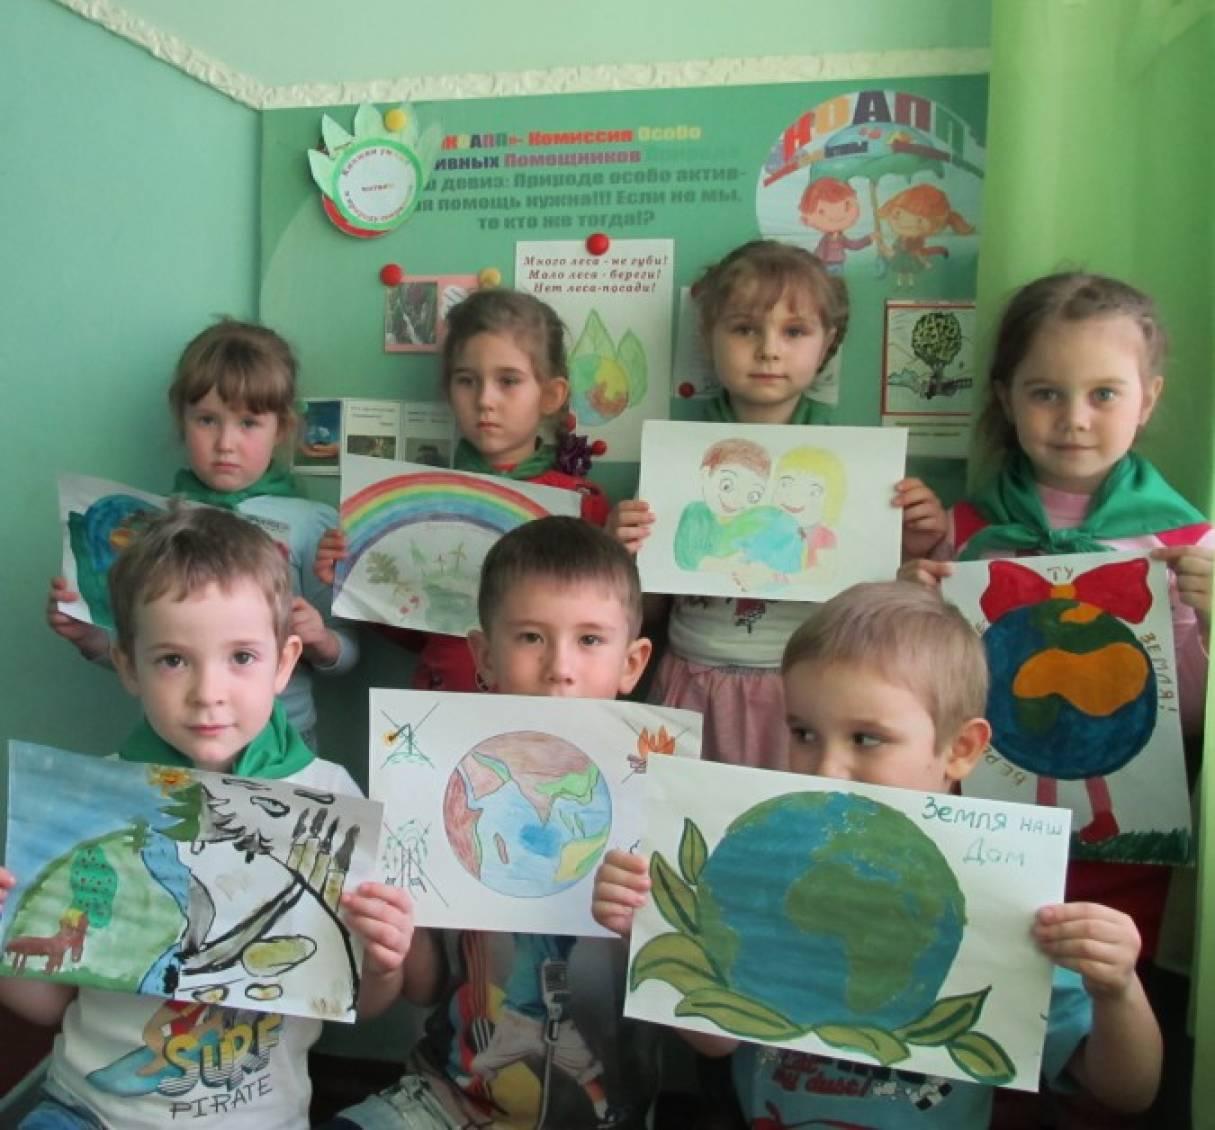 «Коапп за чистоту и порядок на планете Земля» (совместное творчество родителей и детей). Фотоотчет